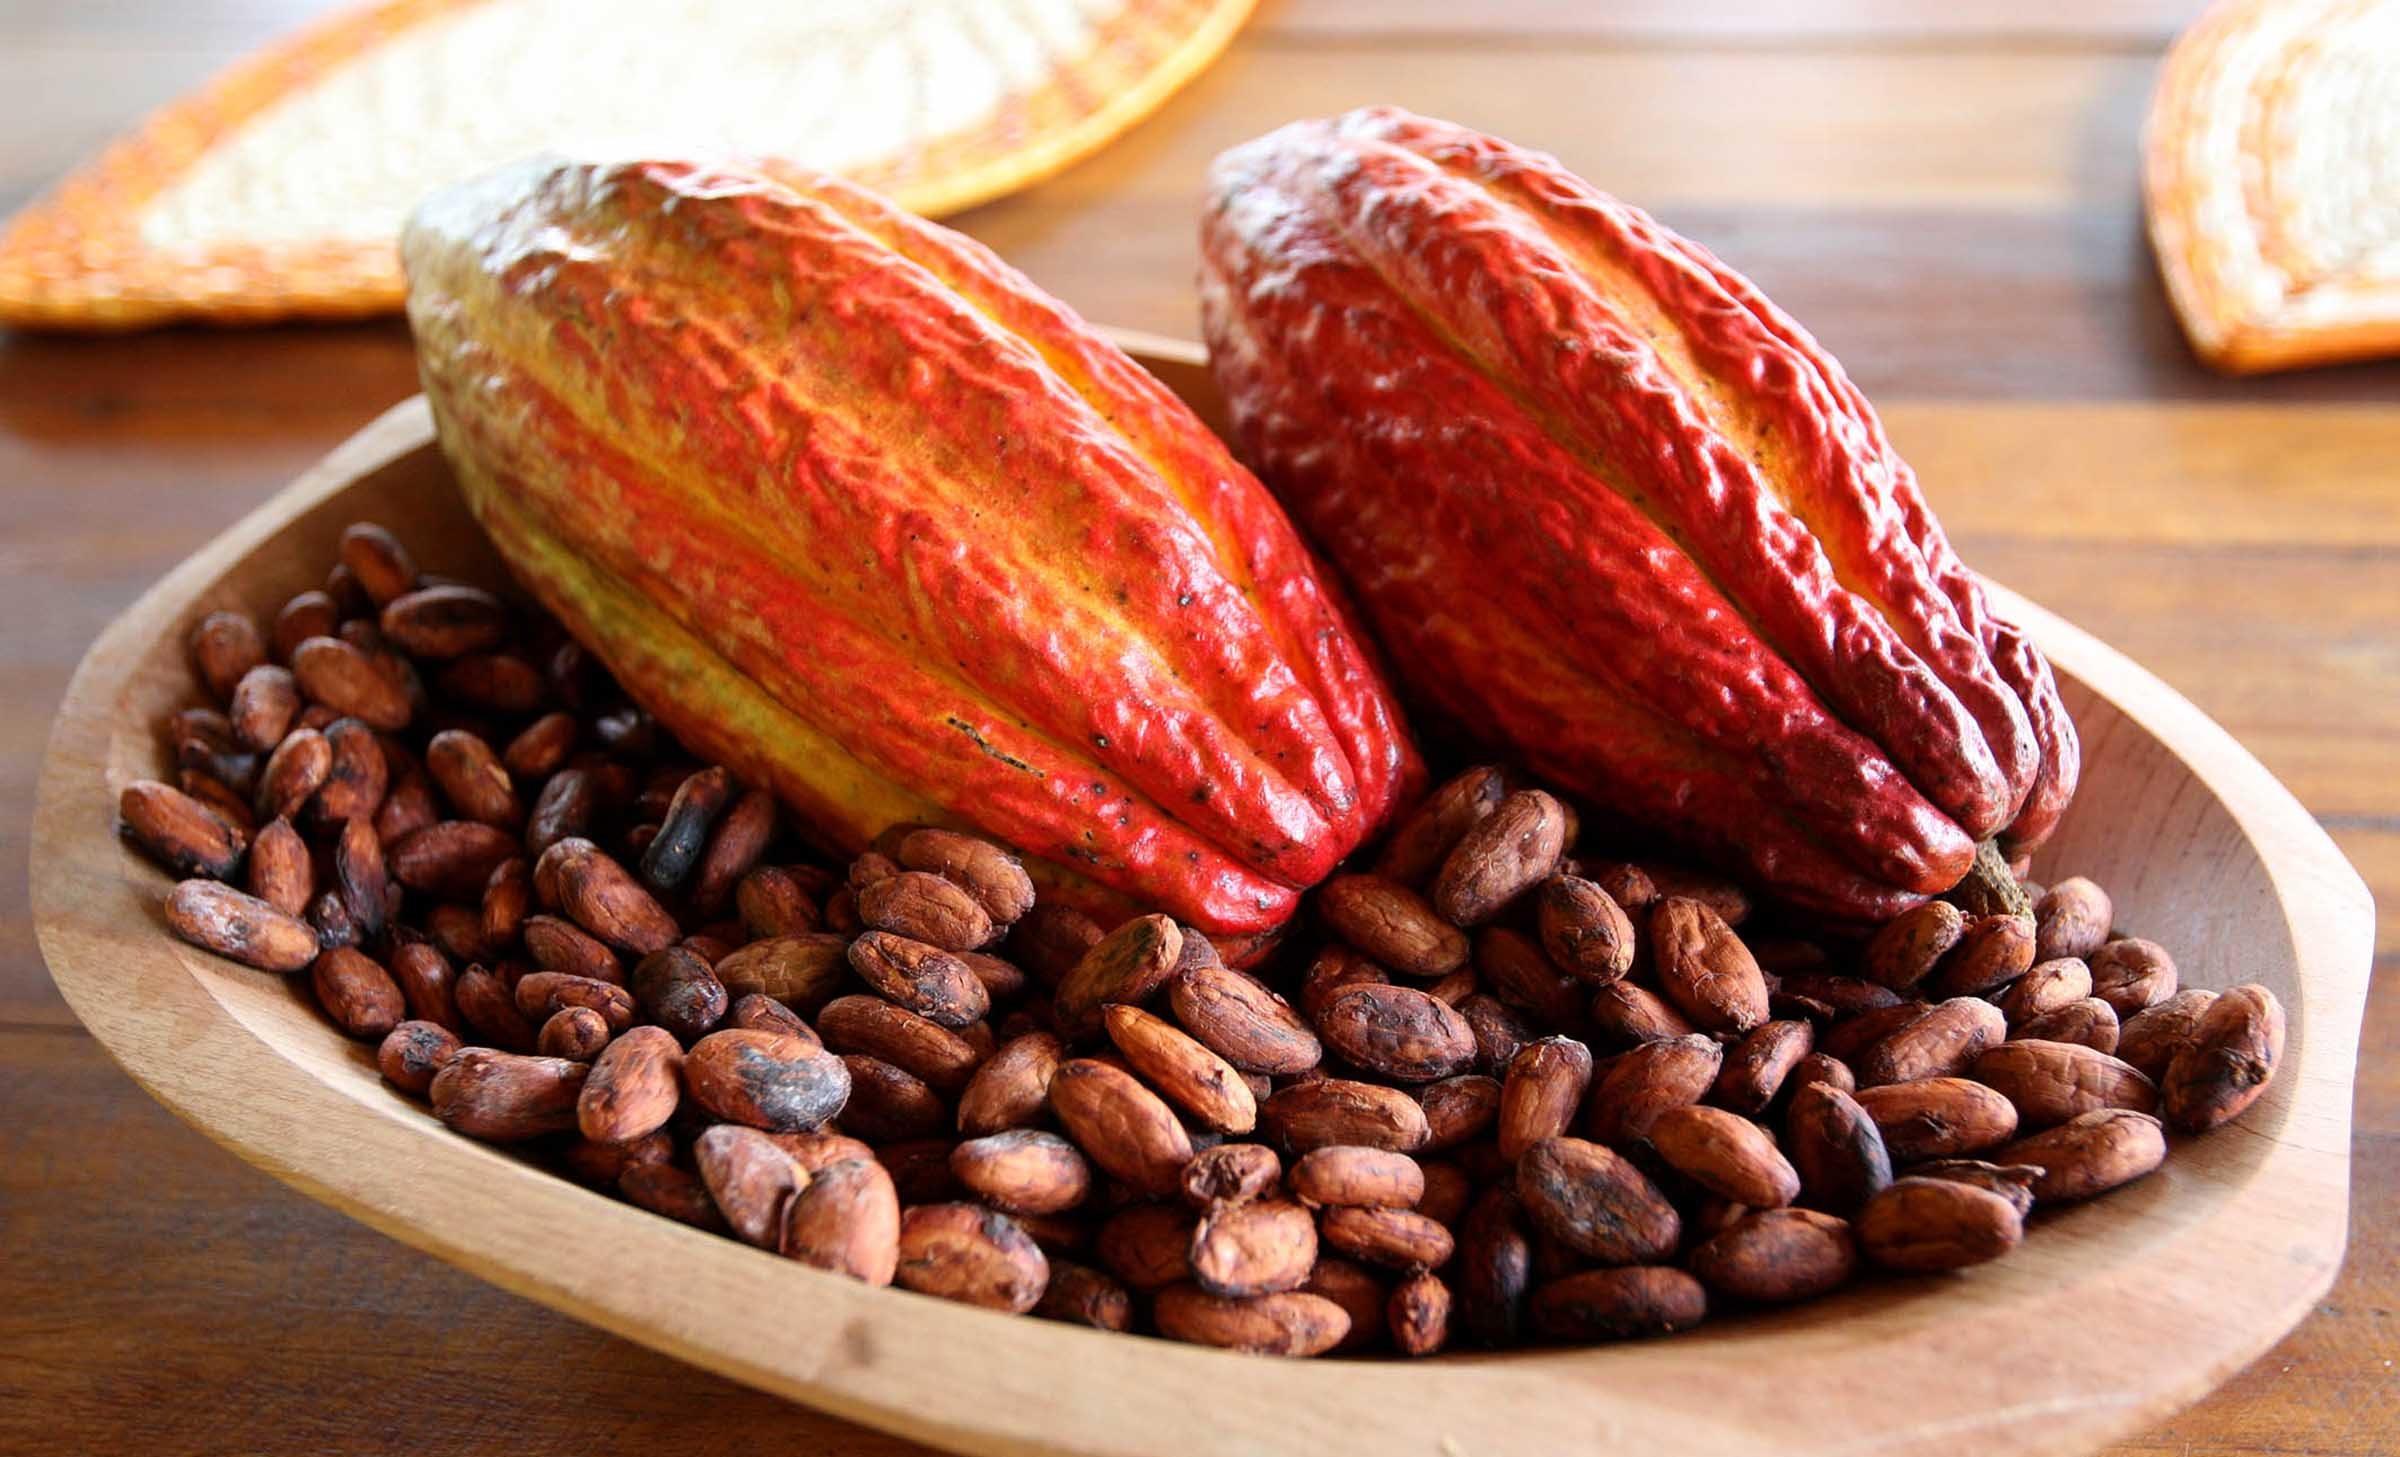 Organizadores do Salon Du Chocolat visitam fazenda modelo na produção de cacau no Recôncavo, a Fazenda Engenho D'Agua.  Fotos: Mateus Pereira/Secom